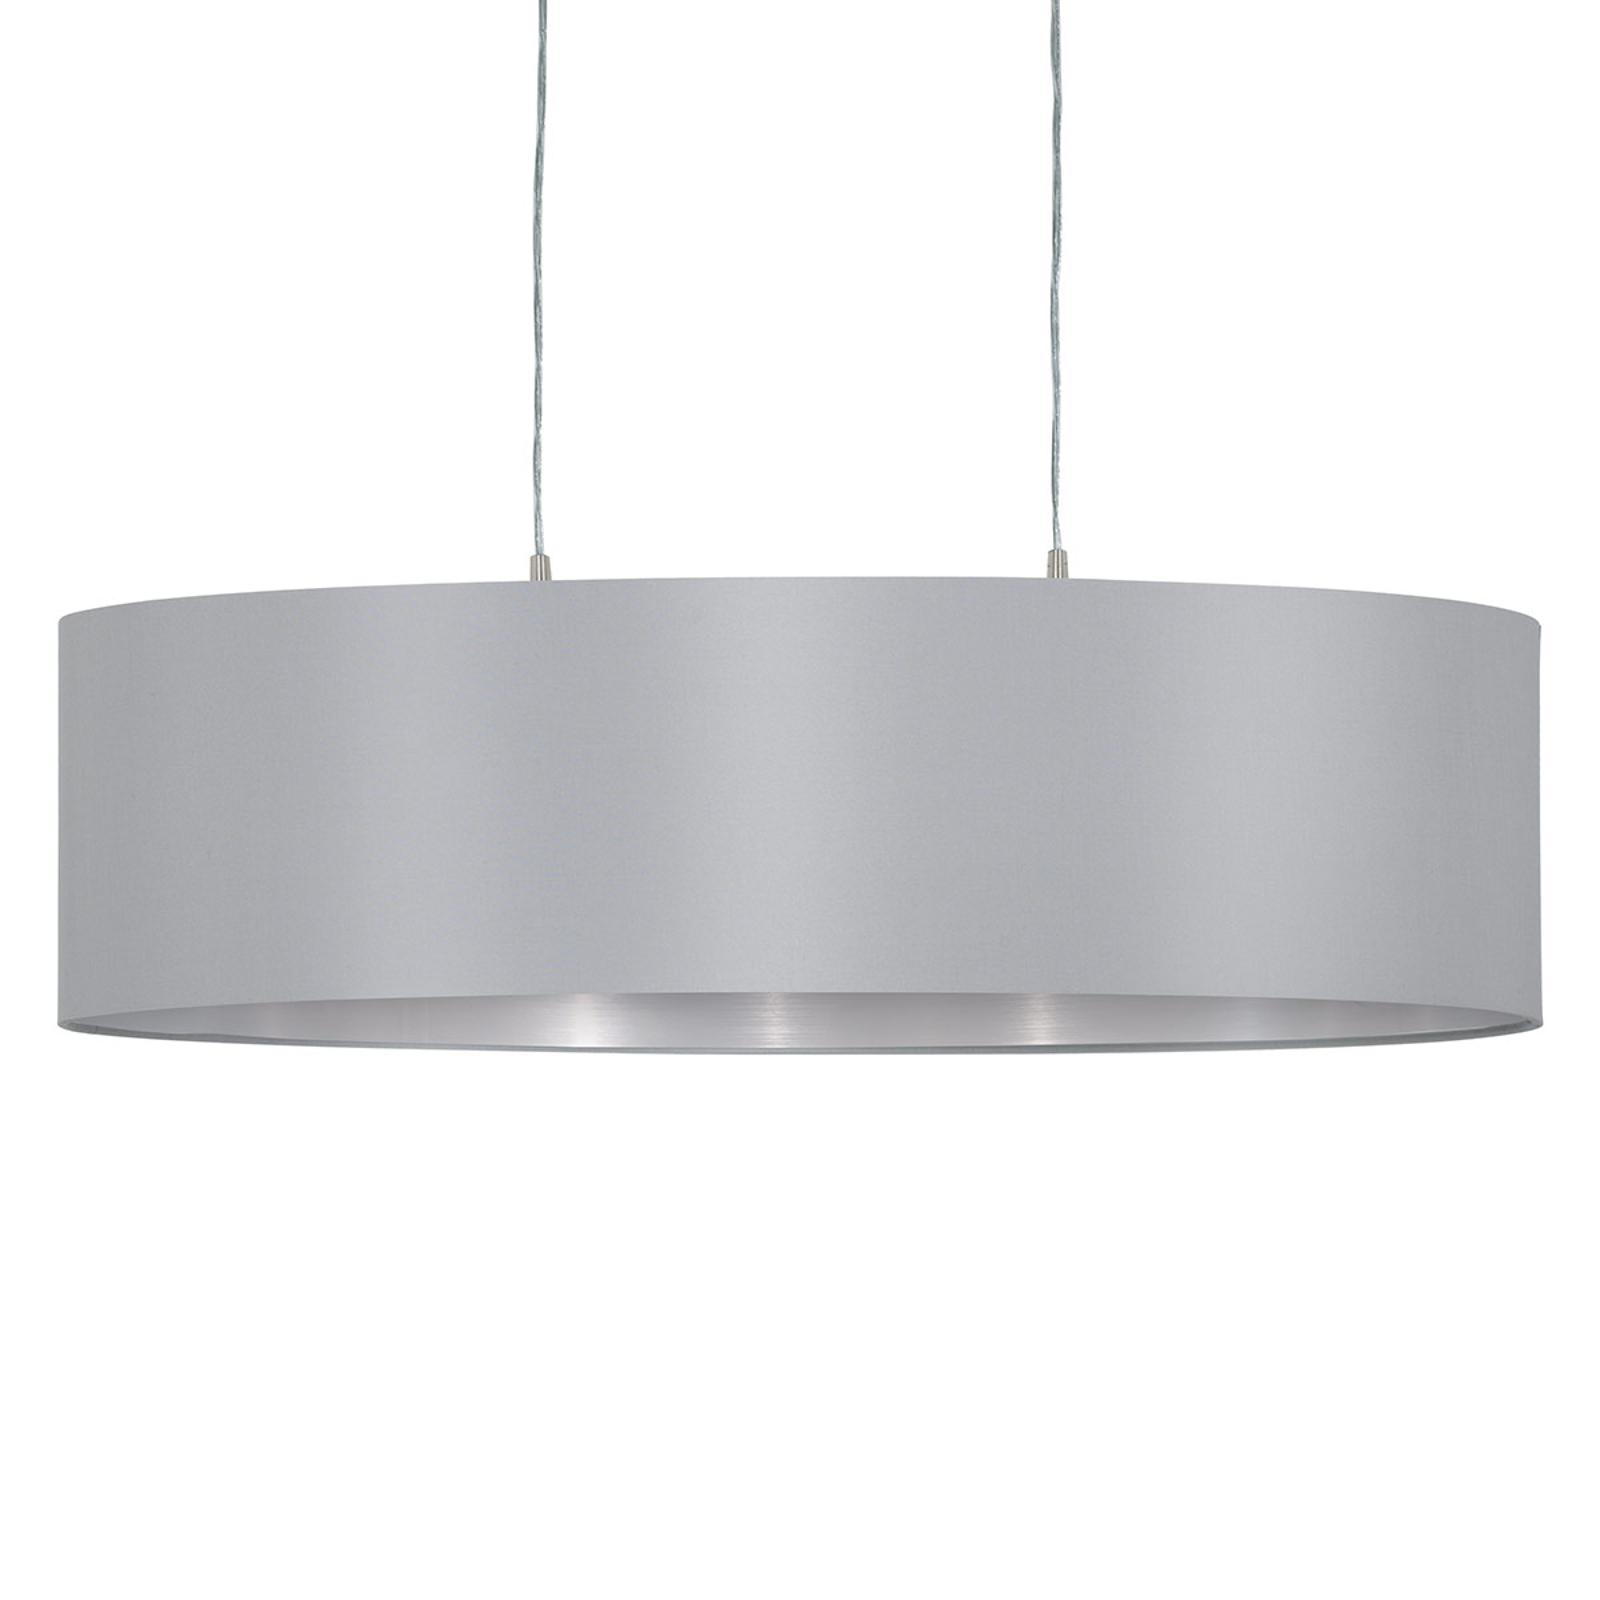 Hänglampa Maserlo oval, grå-silver